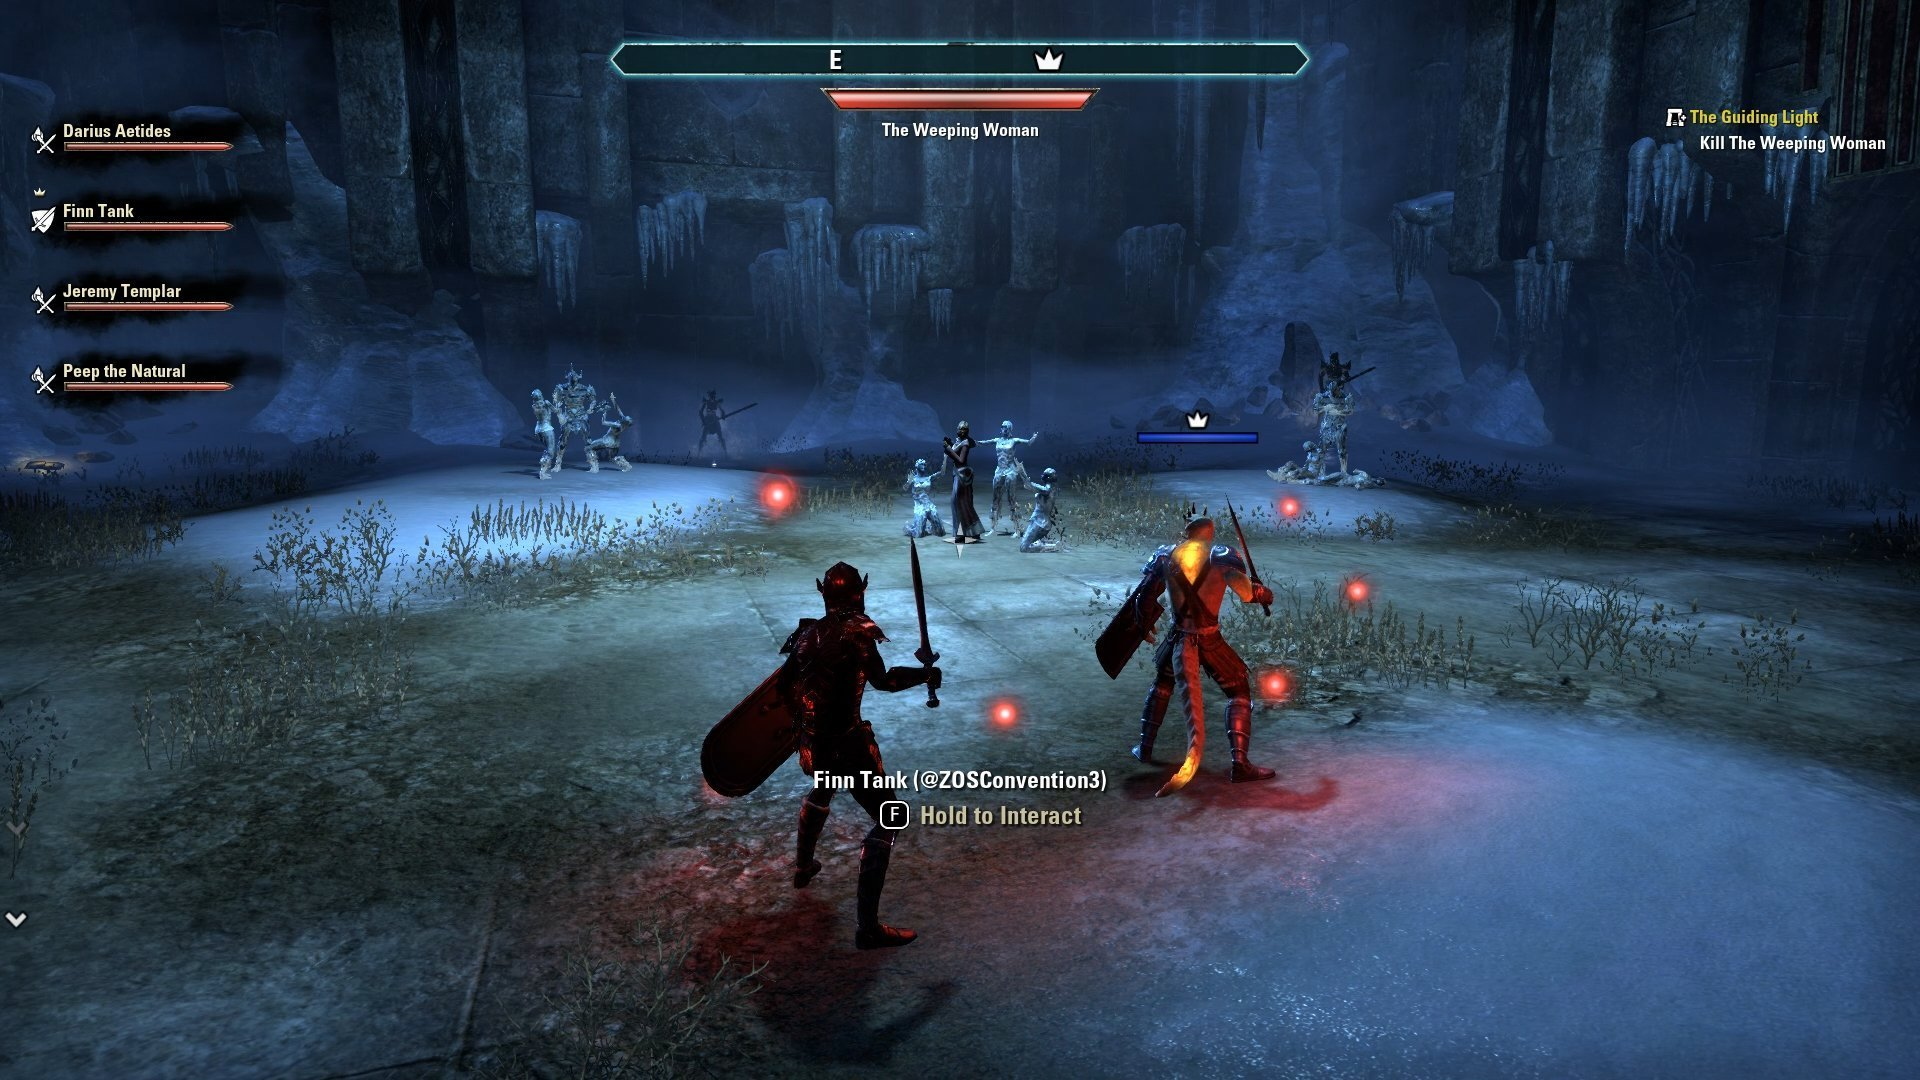 The Elder Scrolls Online - Wrathstone - Weeping Woman